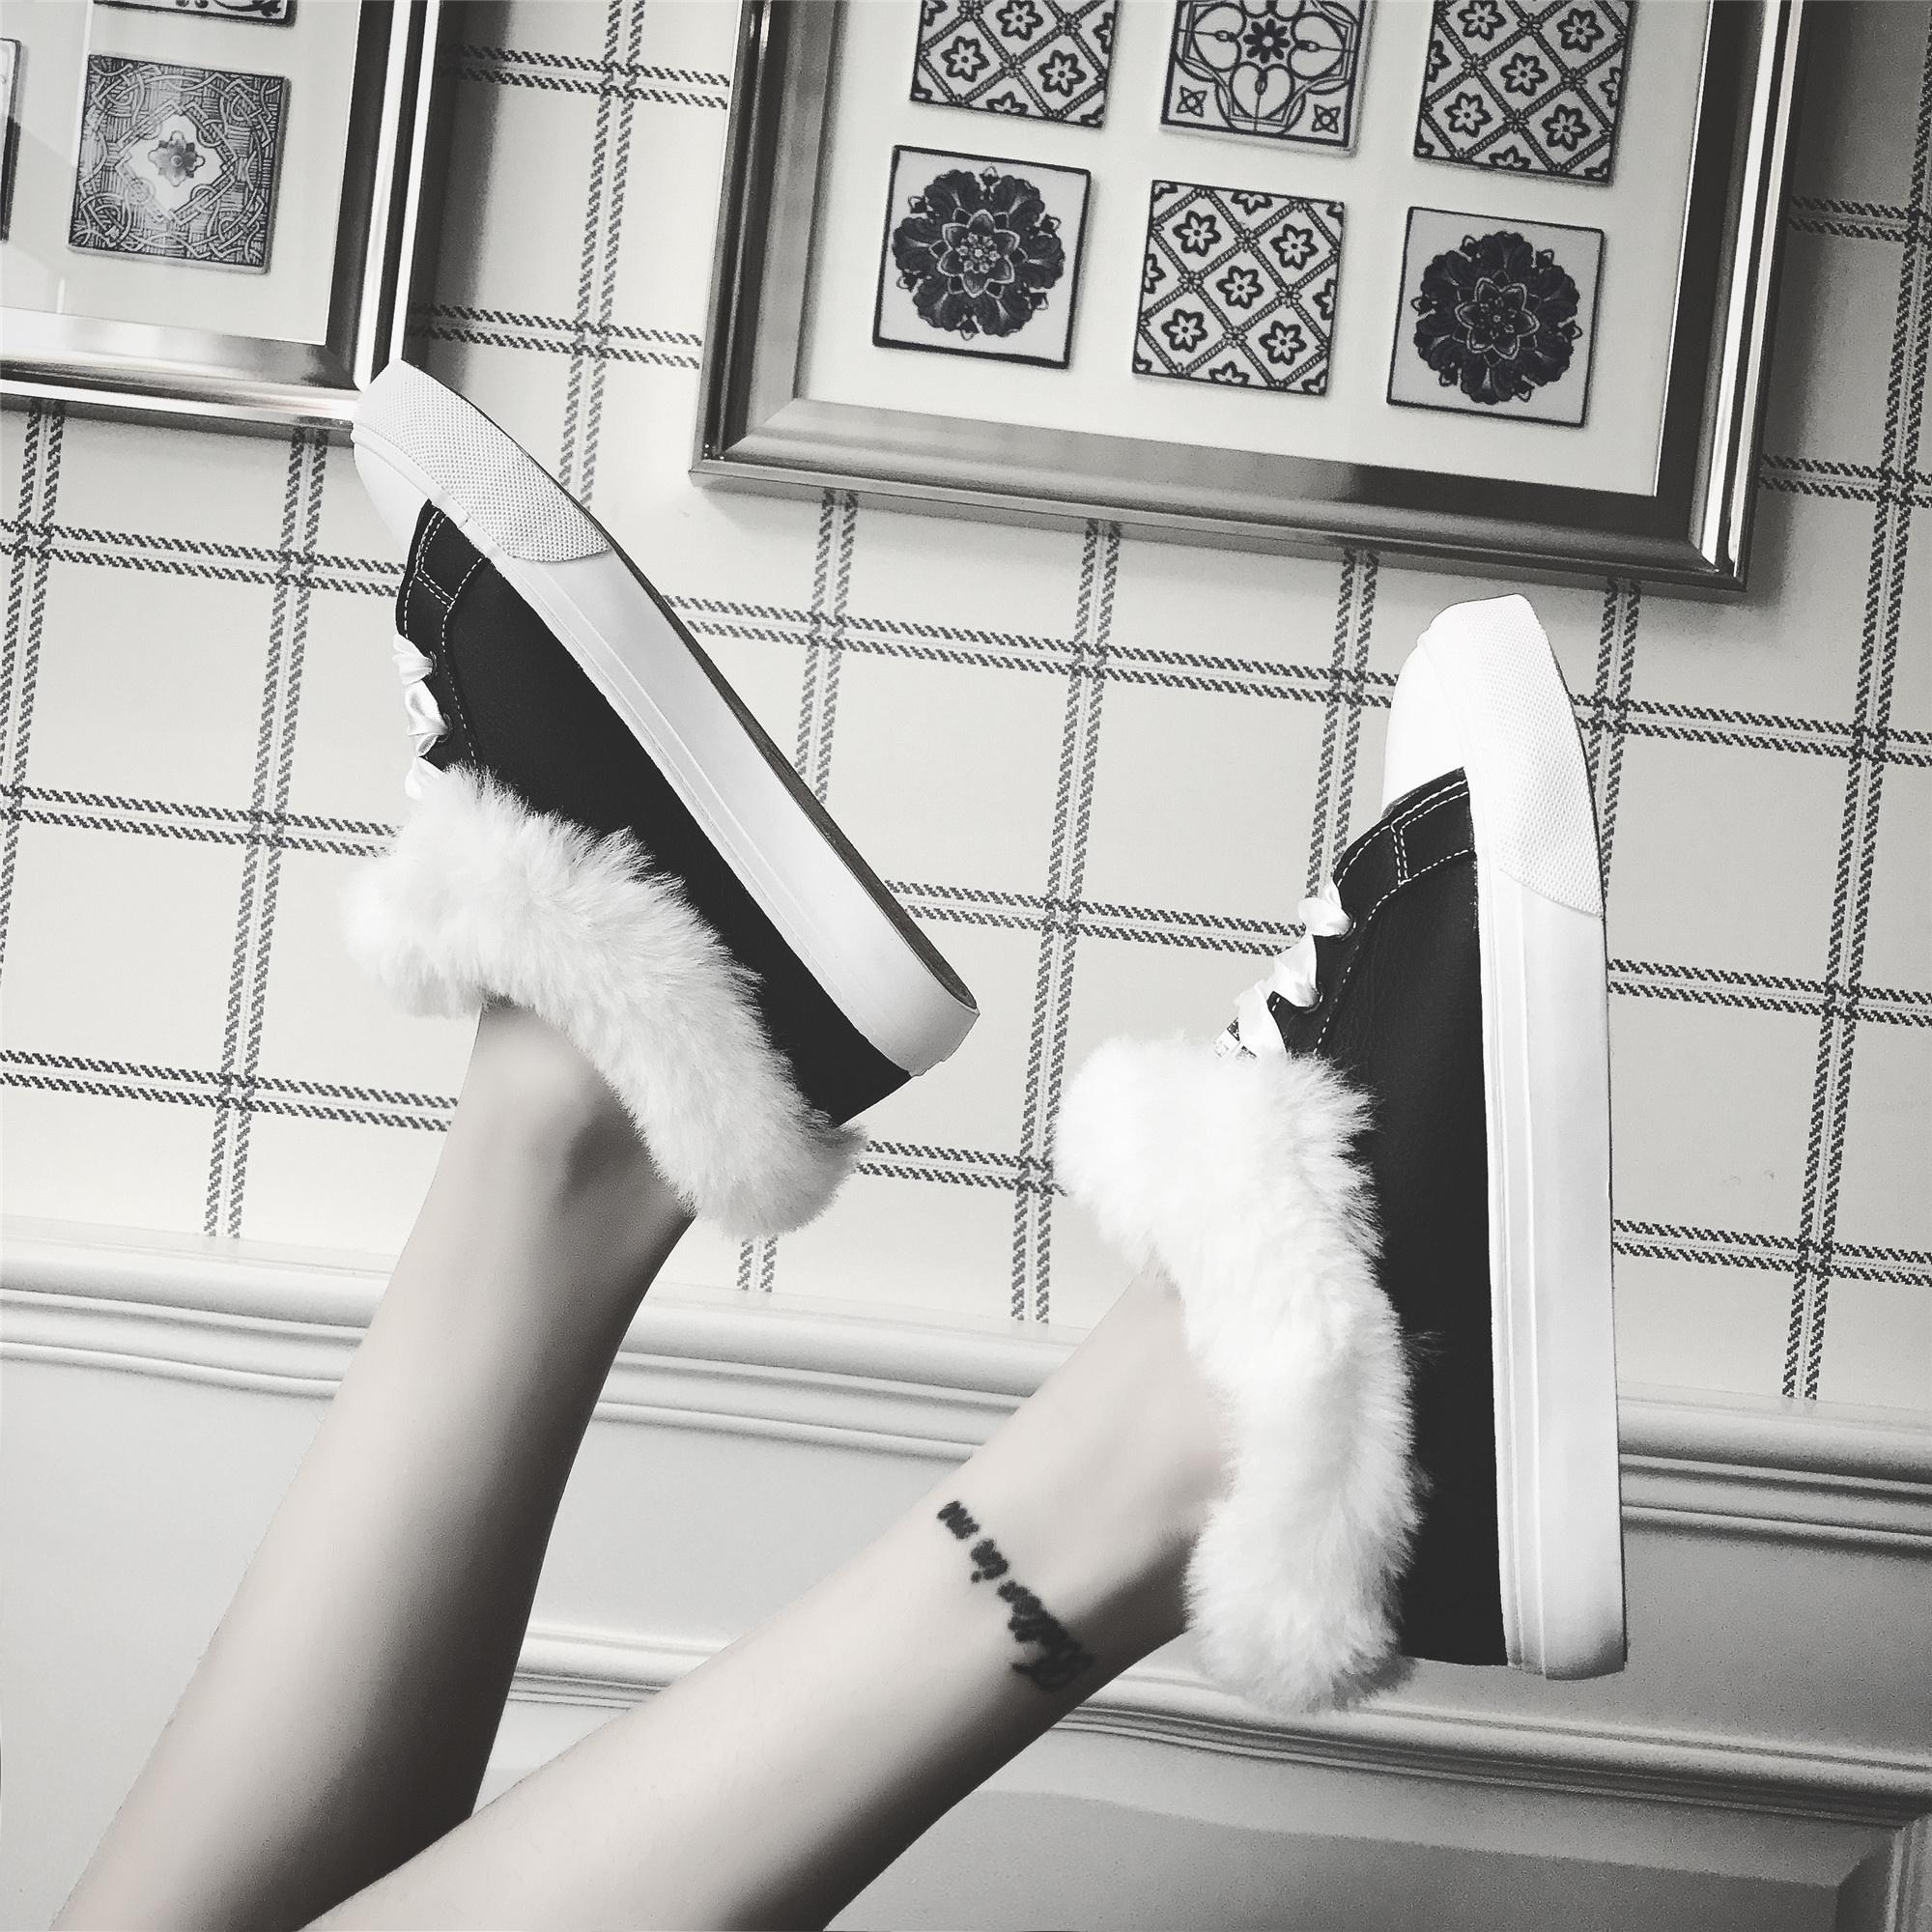 棉鞋女韩版2017冬季新毛毛鞋学生加绒休闲鞋板鞋加厚保暖面包布鞋